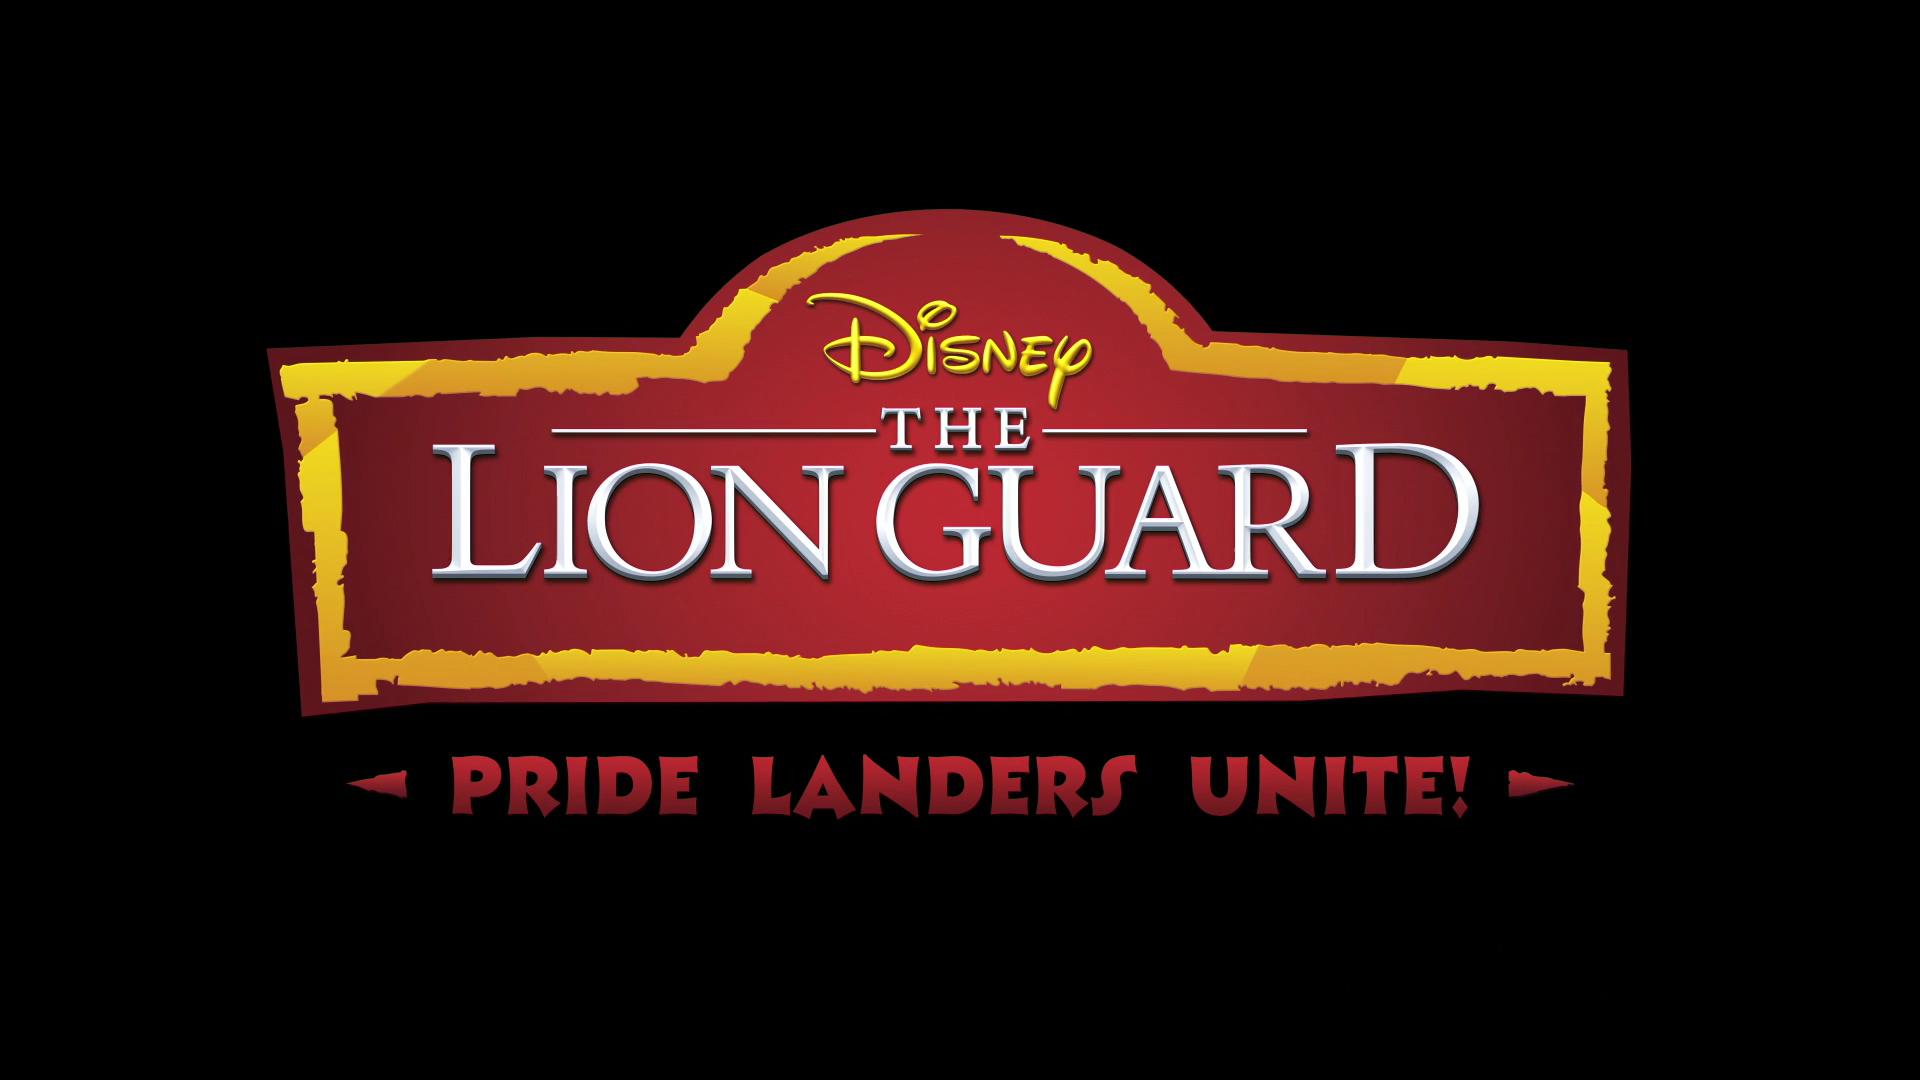 Pride Landers Unite!